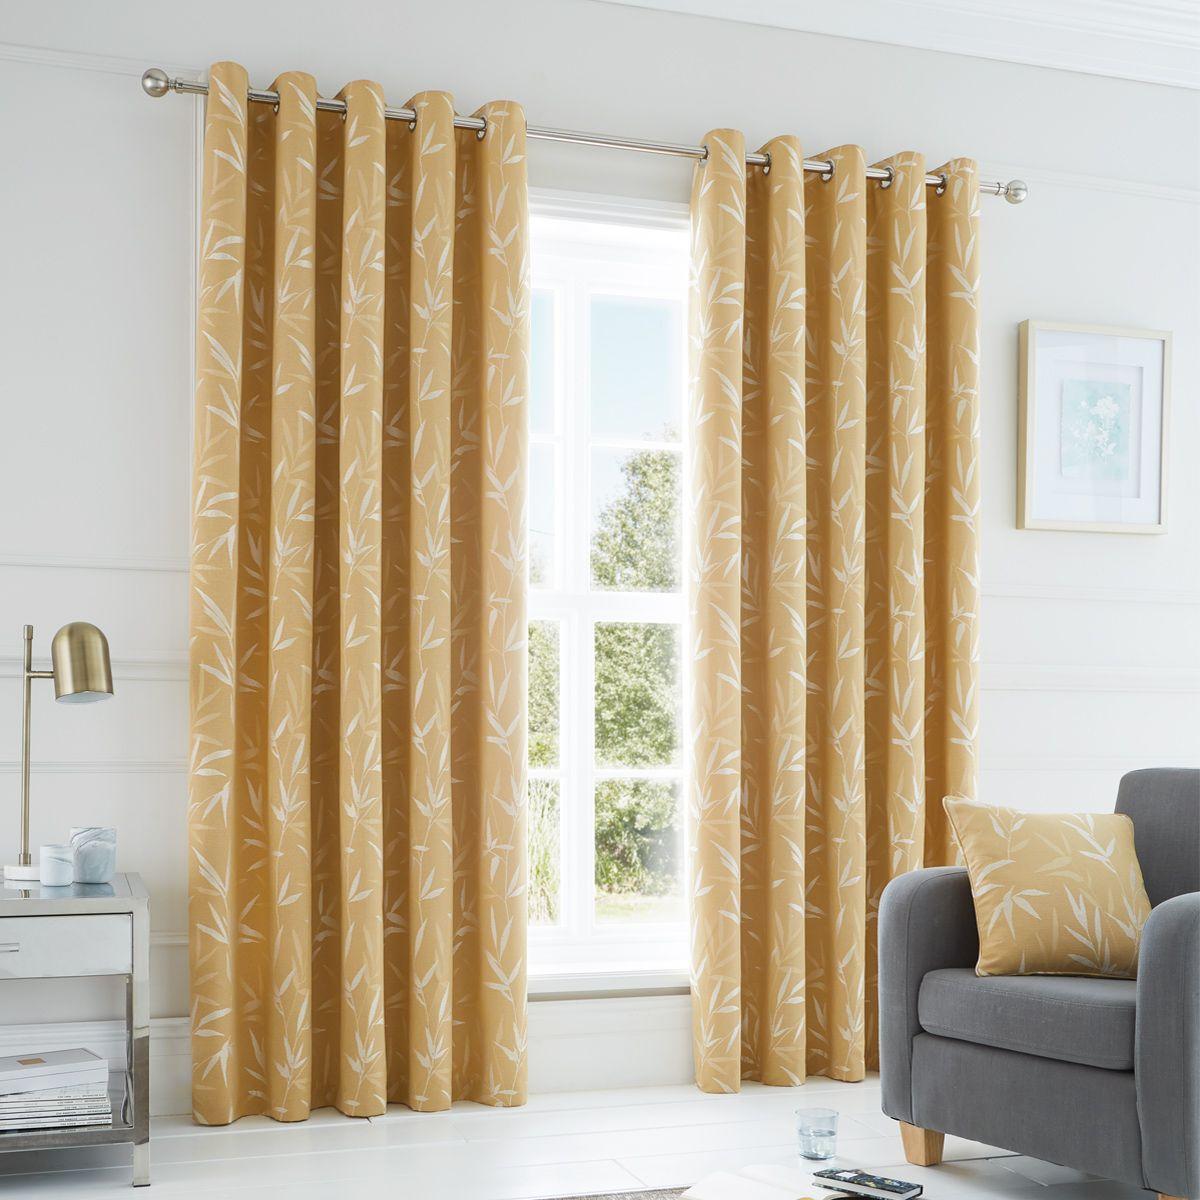 Bamboo Ochre Ready Made Eyelet Curtains Harry Corry